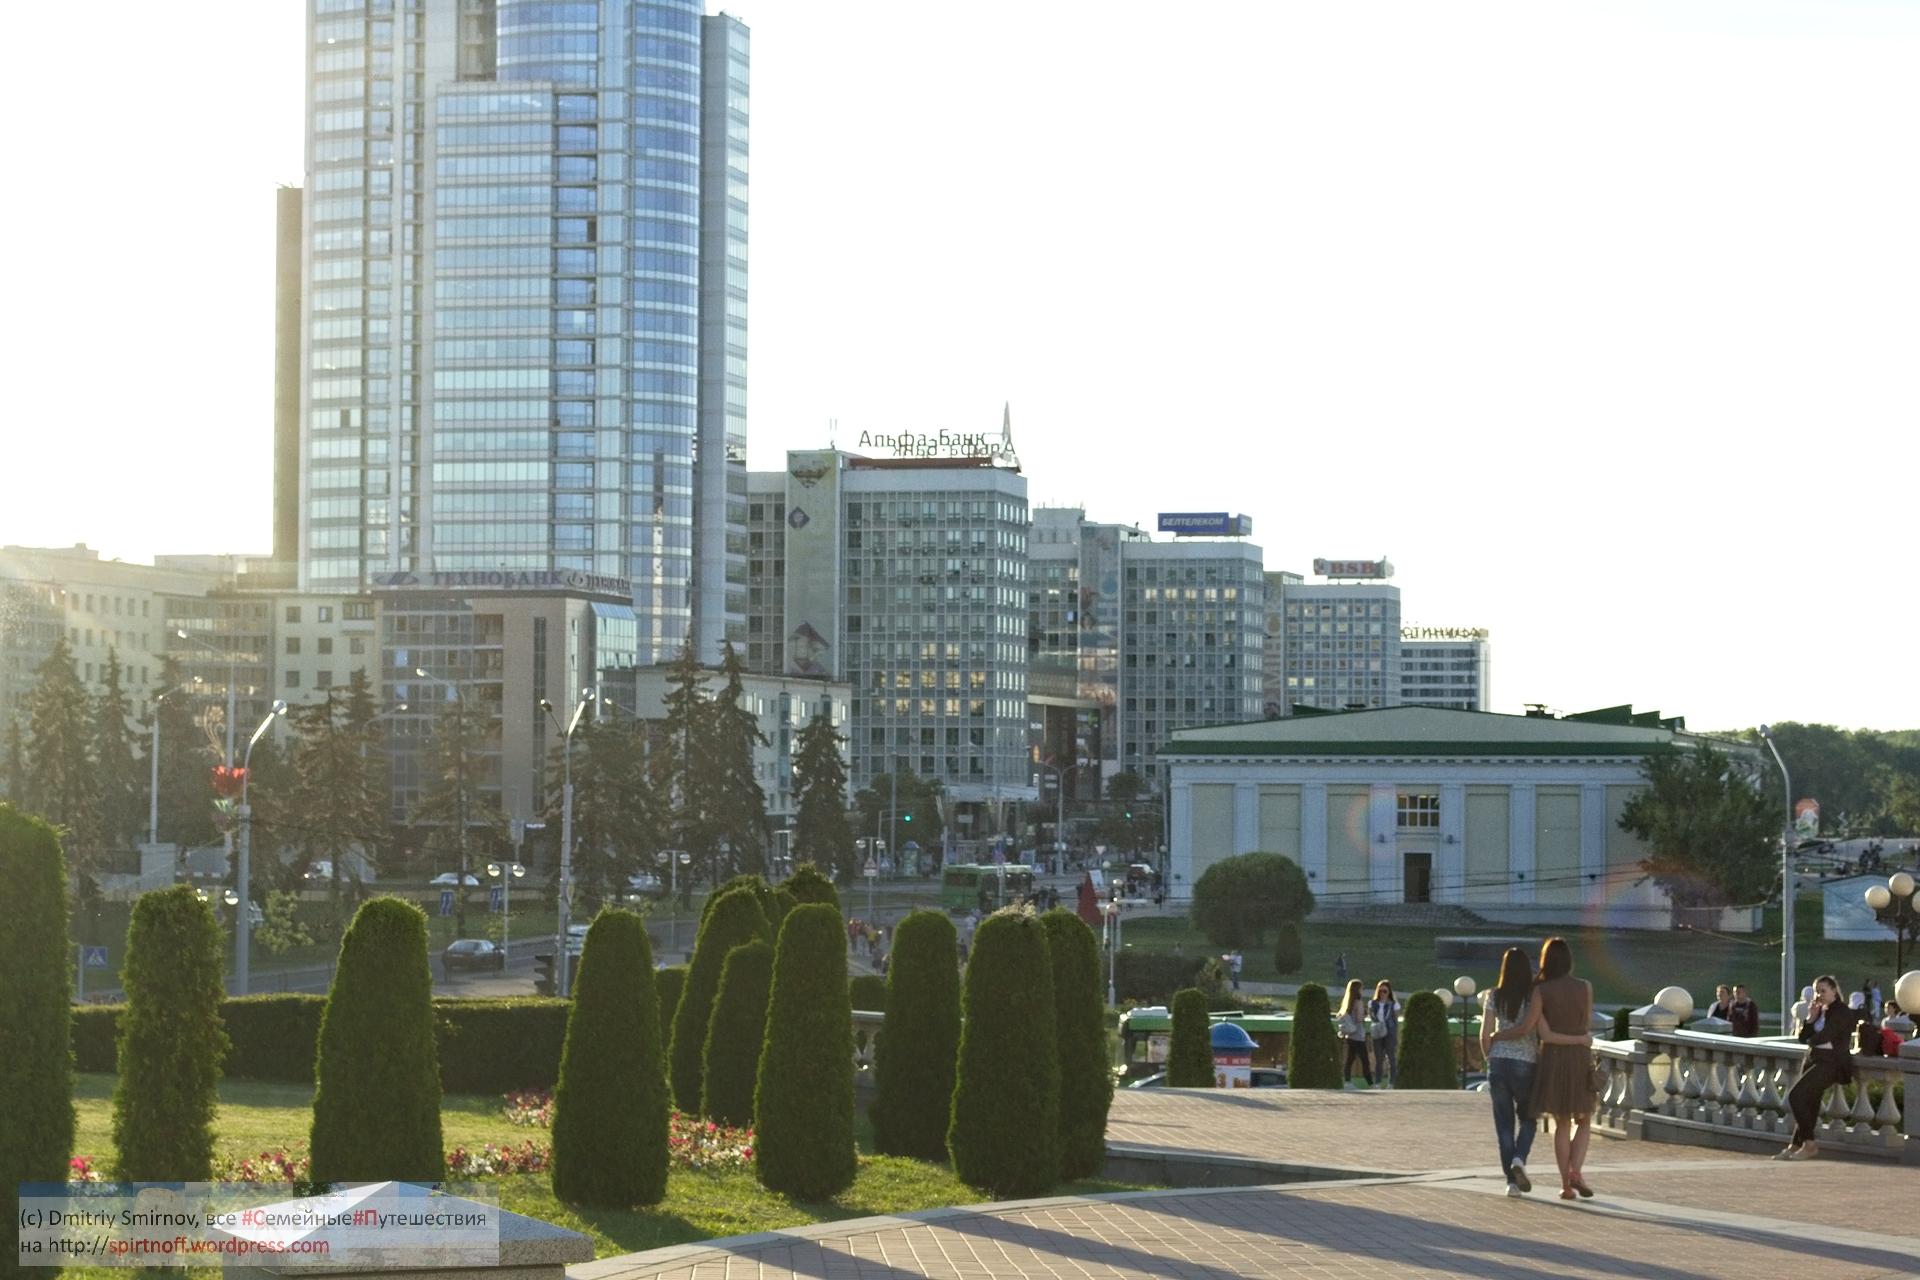 DSC_6921-Blog-31 Путешествия  Минск. Немига, Площадь Независимости